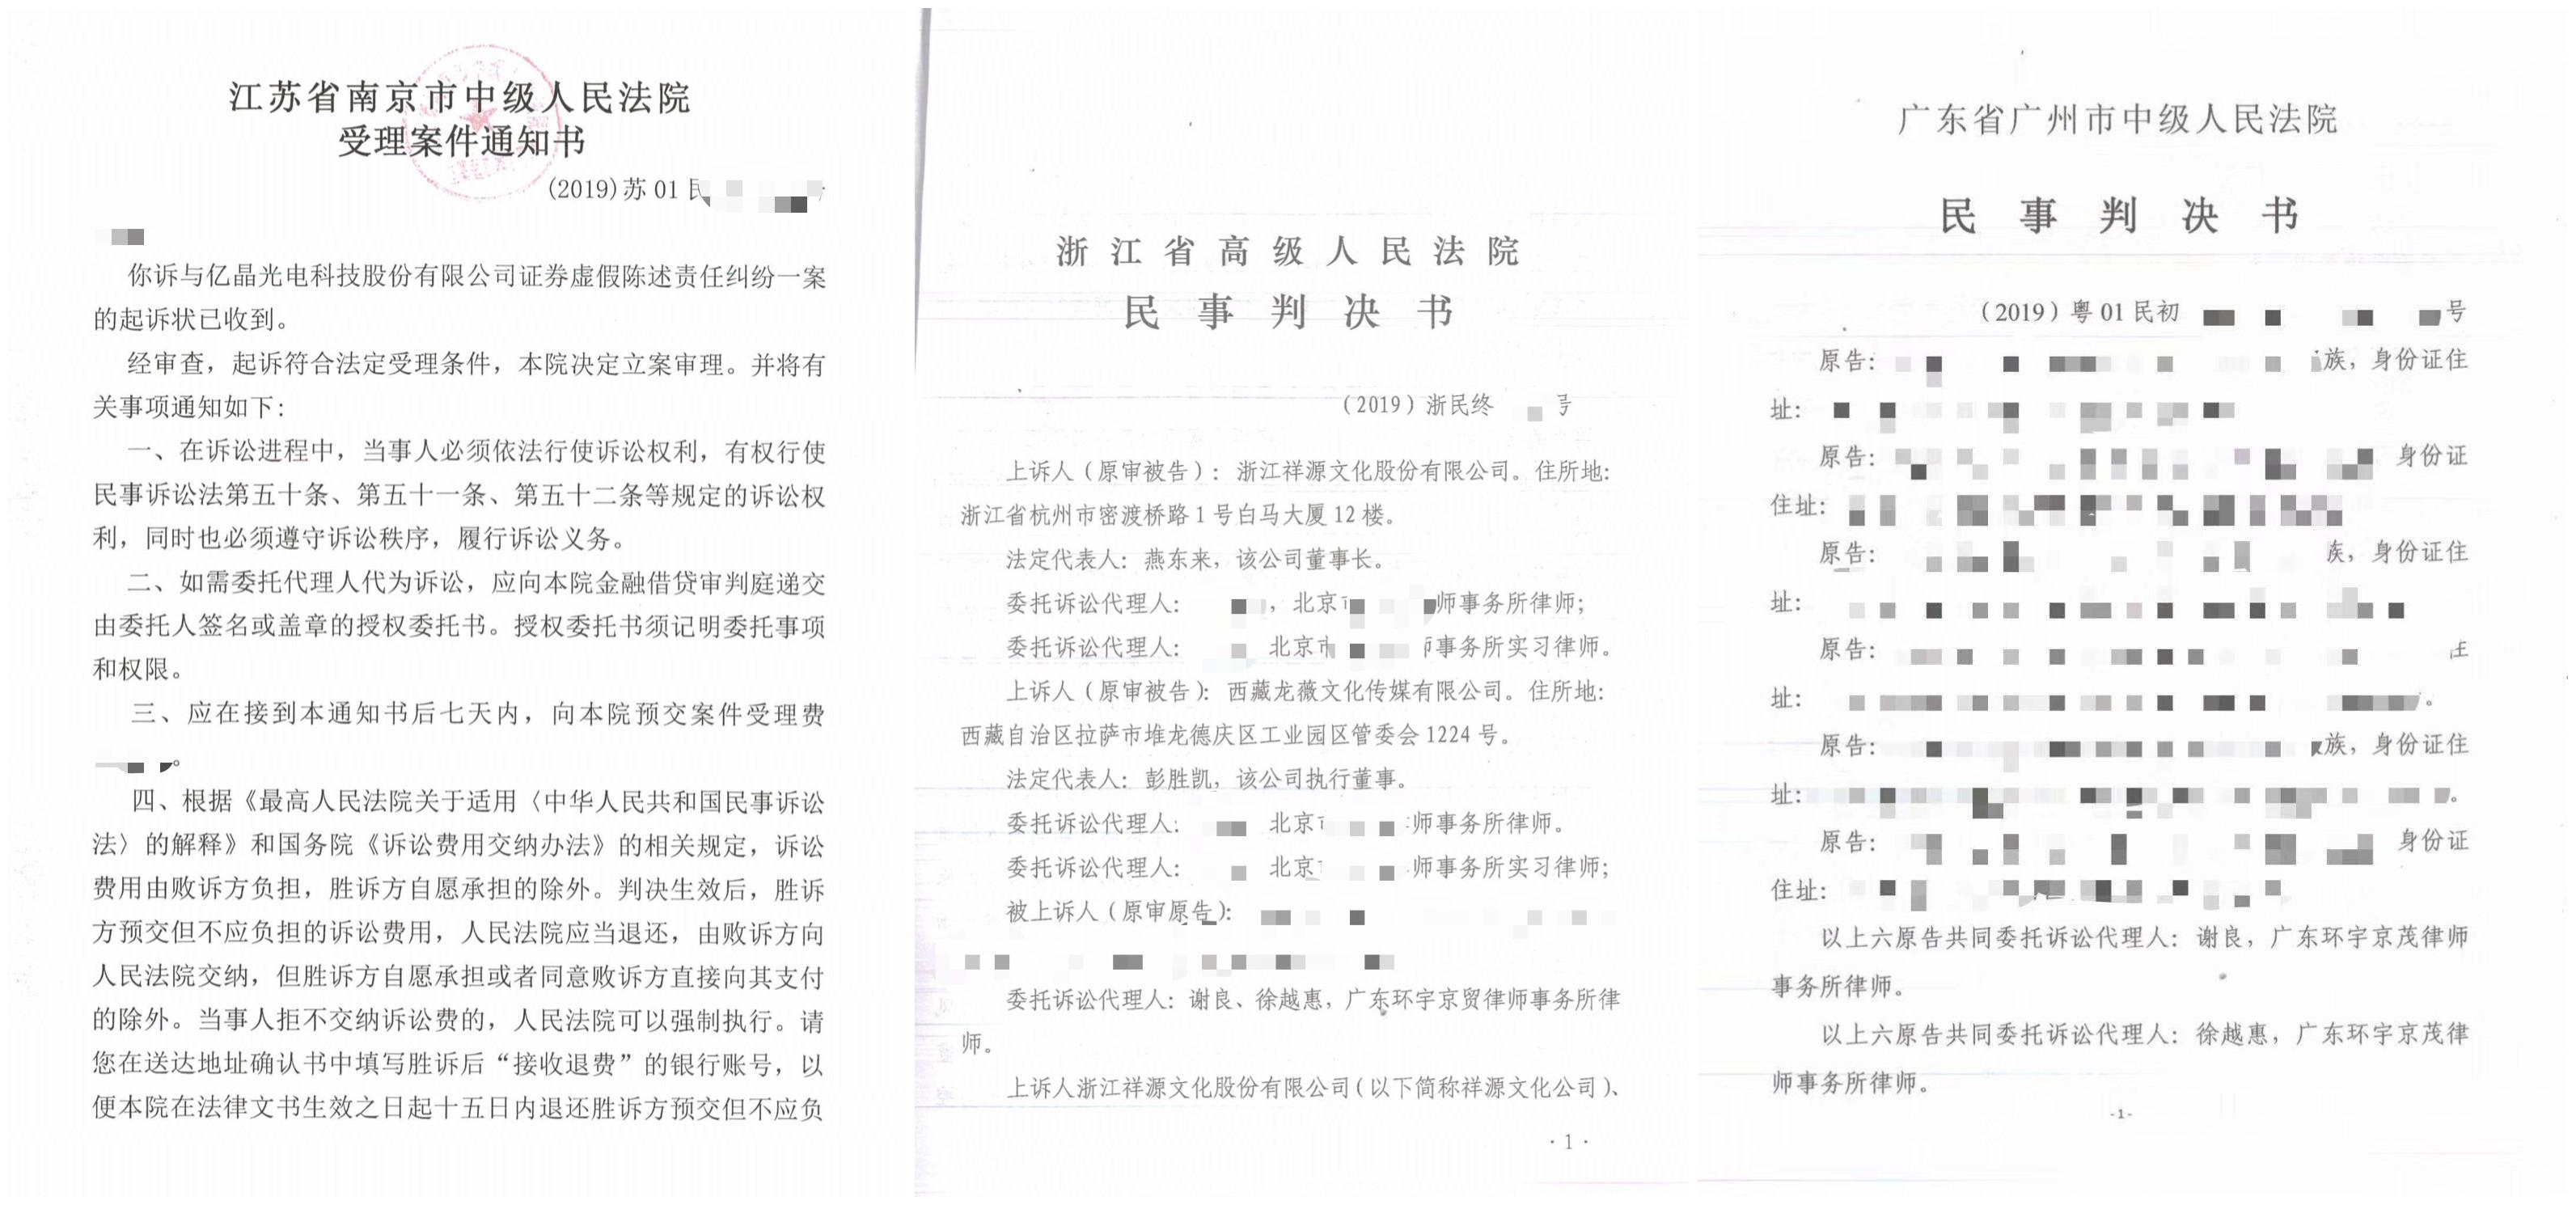 20191128三案法院文书拼图截图